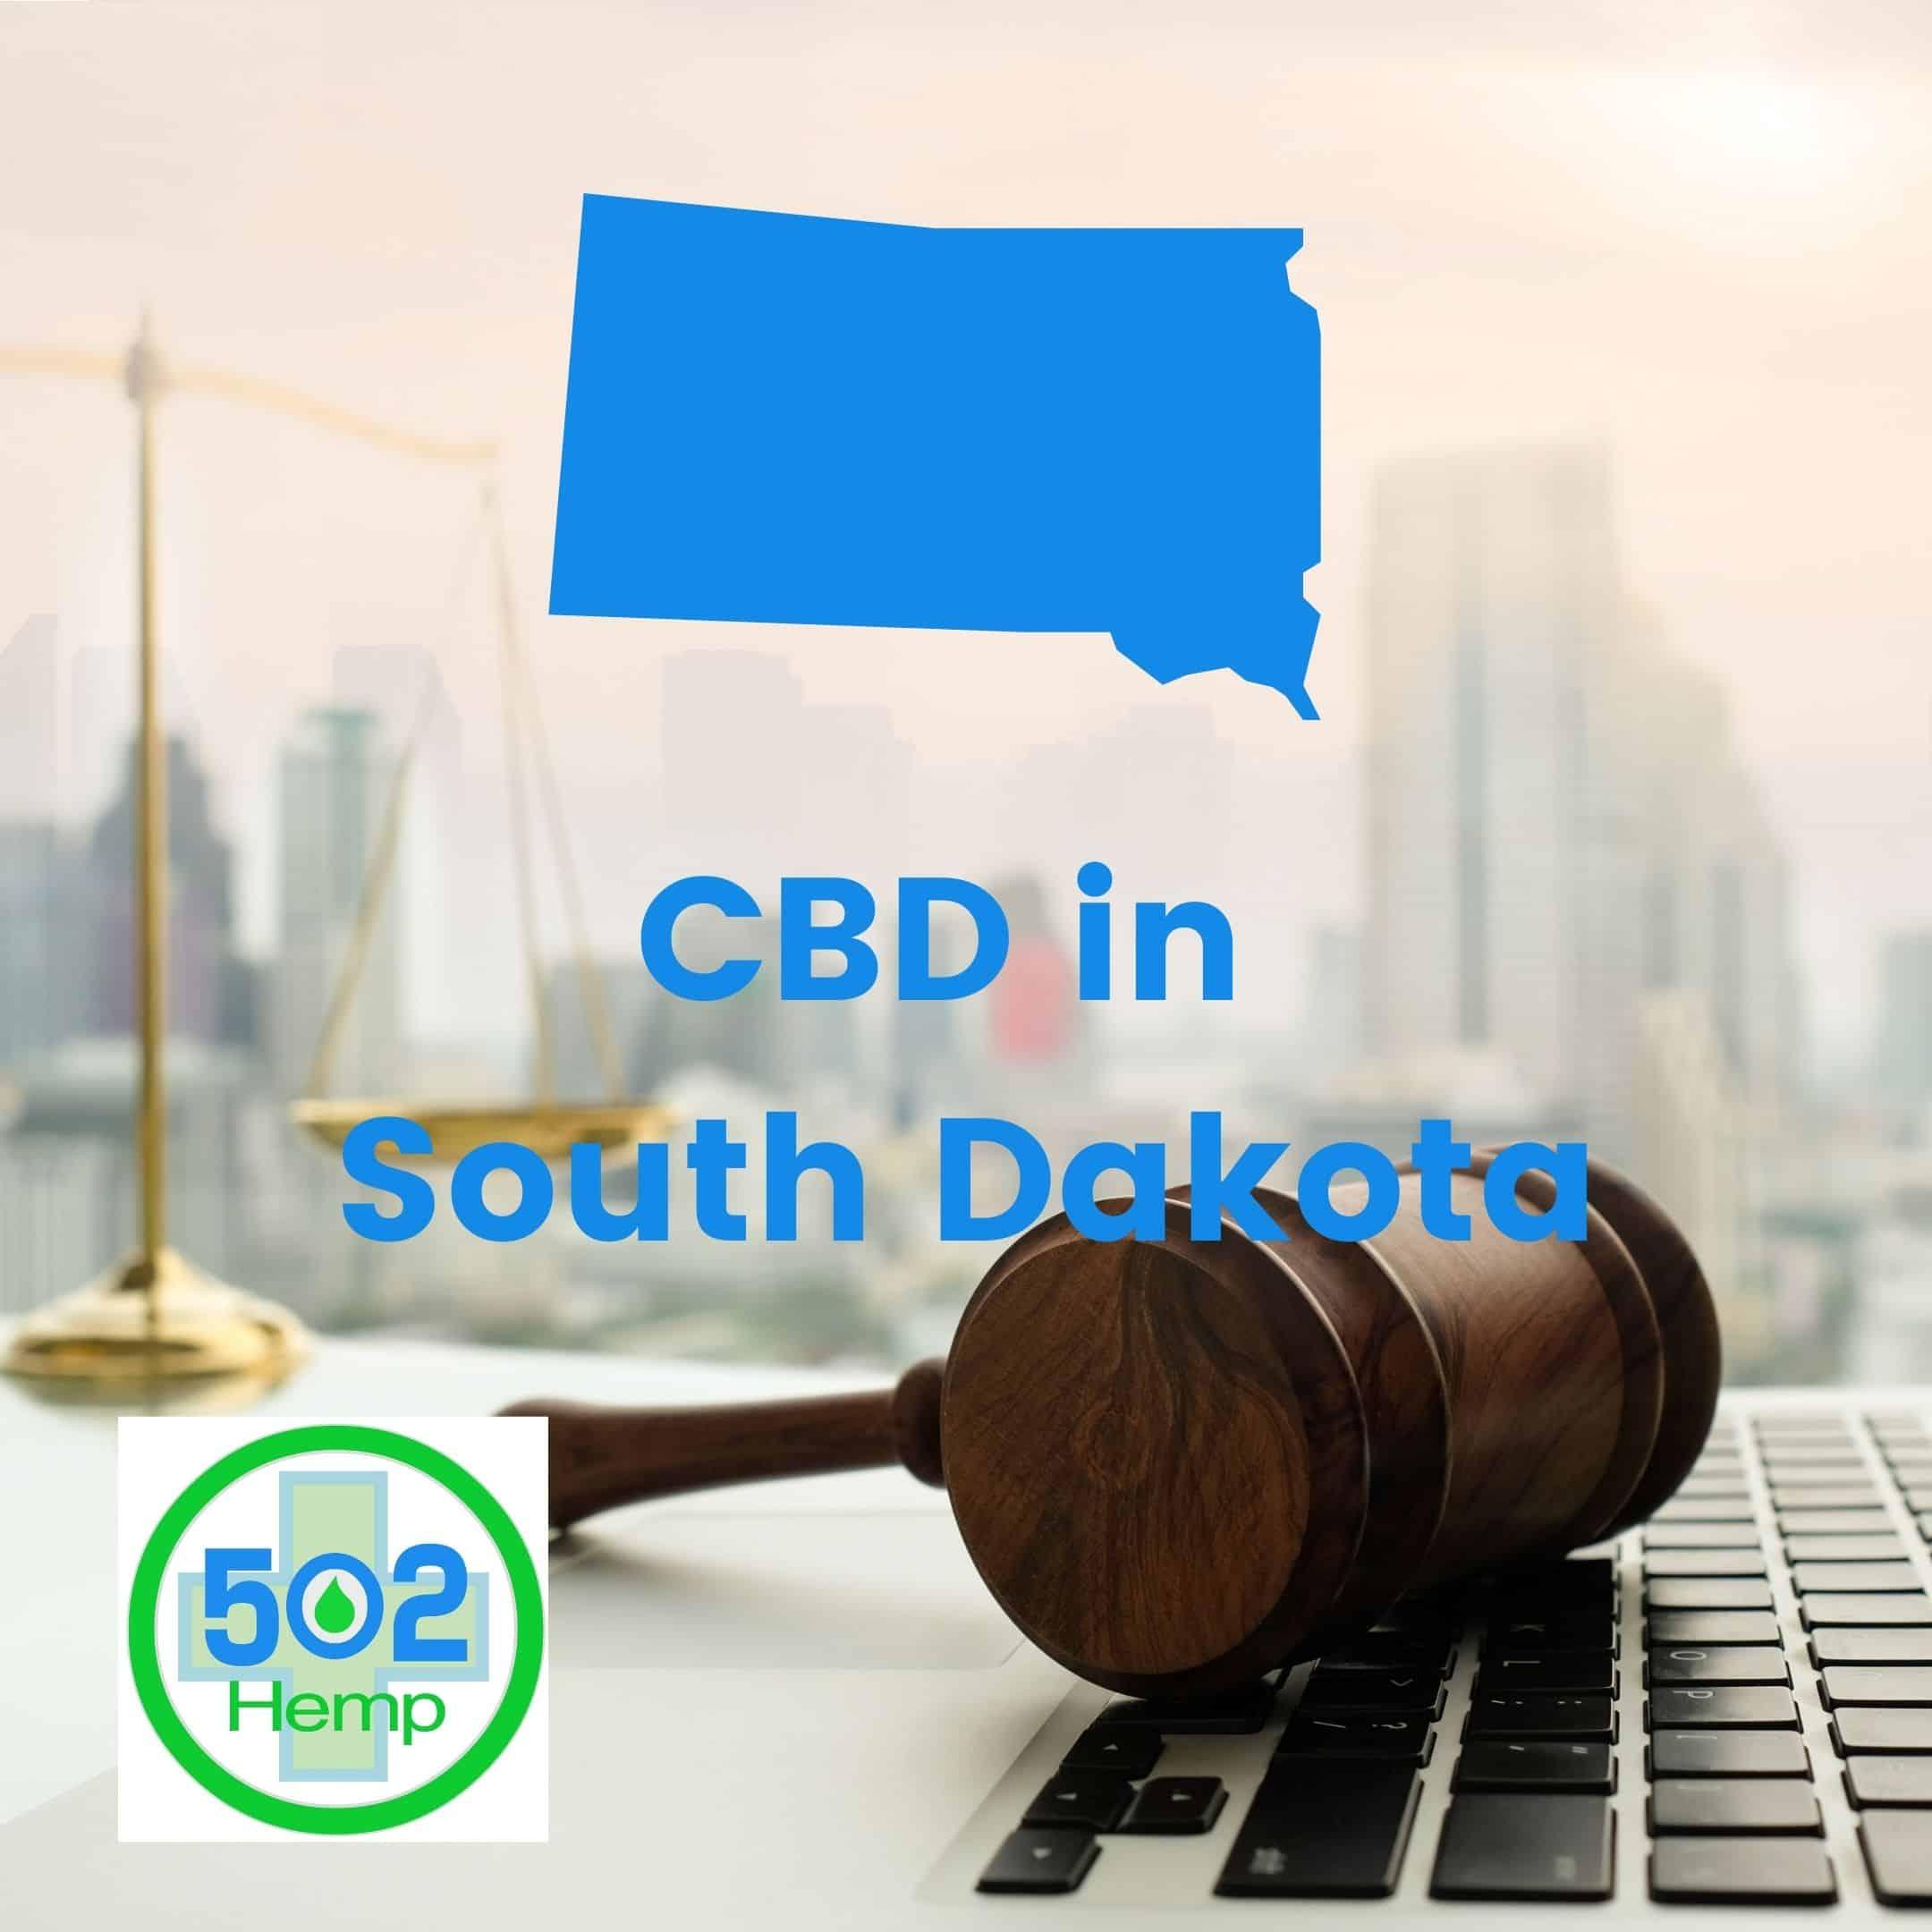 CBD in South Dakota